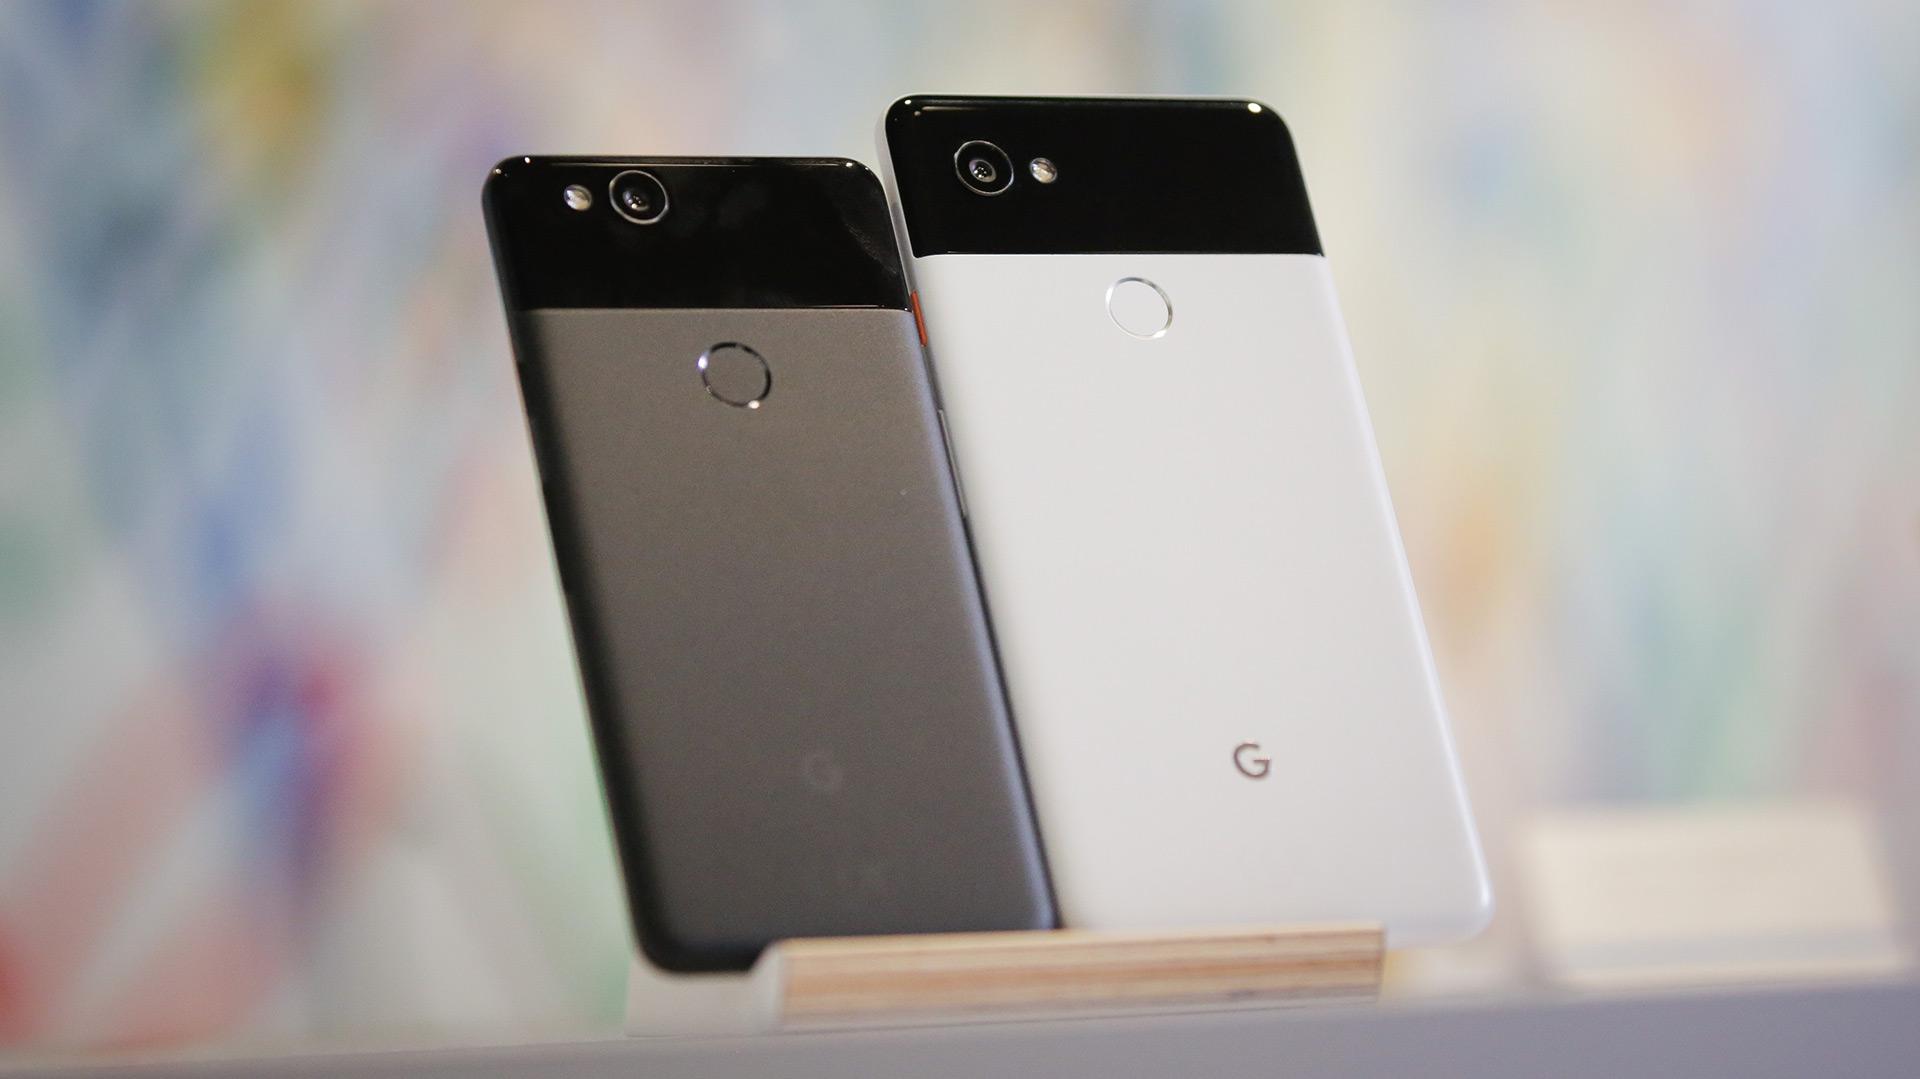 Los nuevos teléfonos inteligentes de Google: Pixel 2 y Pixel 2 XL